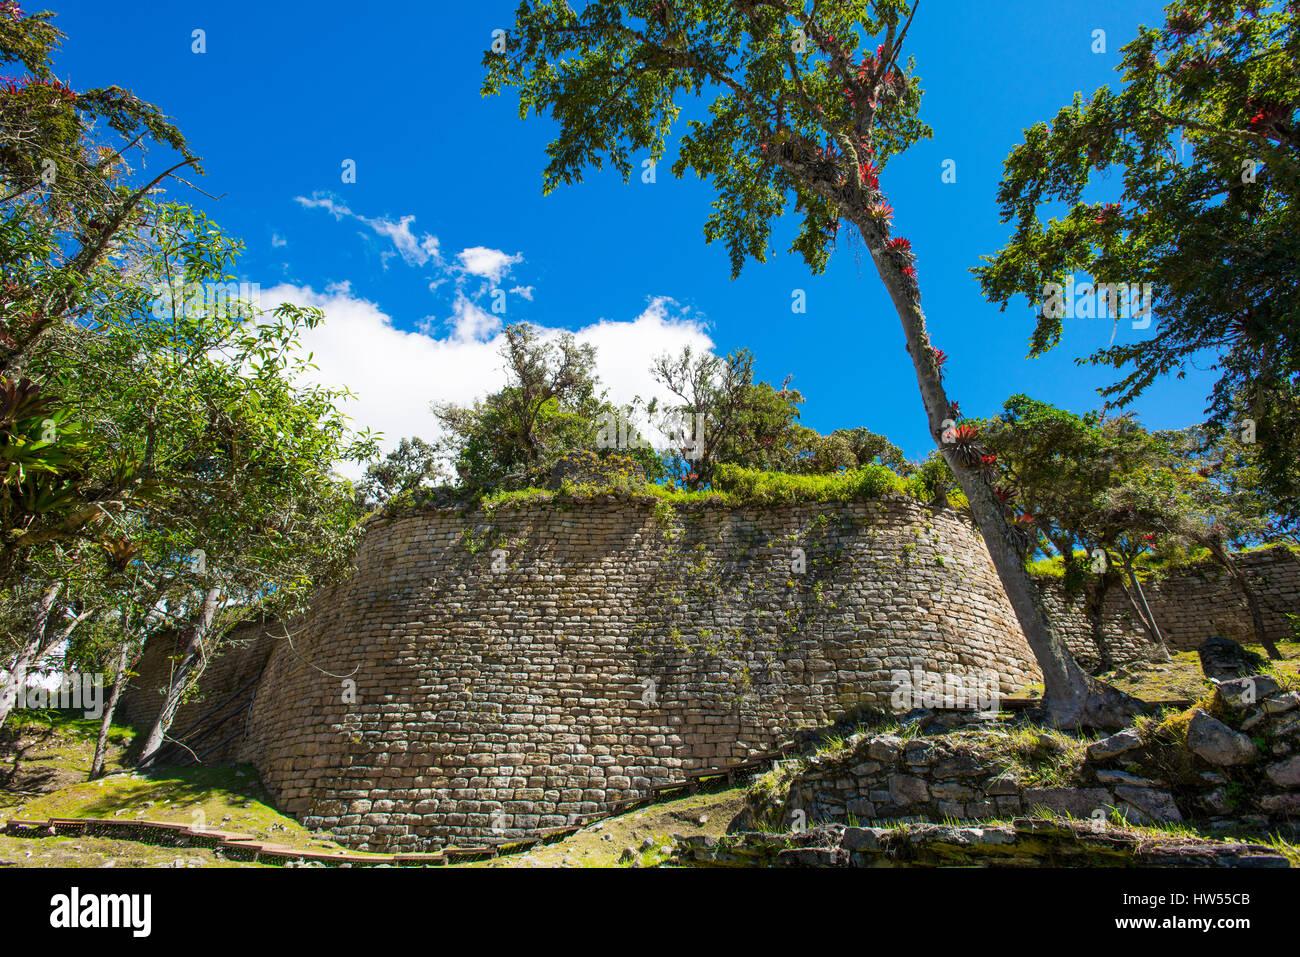 Gewaltige Ruine in der Festung von Kuelap des Volk der Chachapoya, Provinz Luya, Region Amazonas, Peru, Südamerika - Stock Image